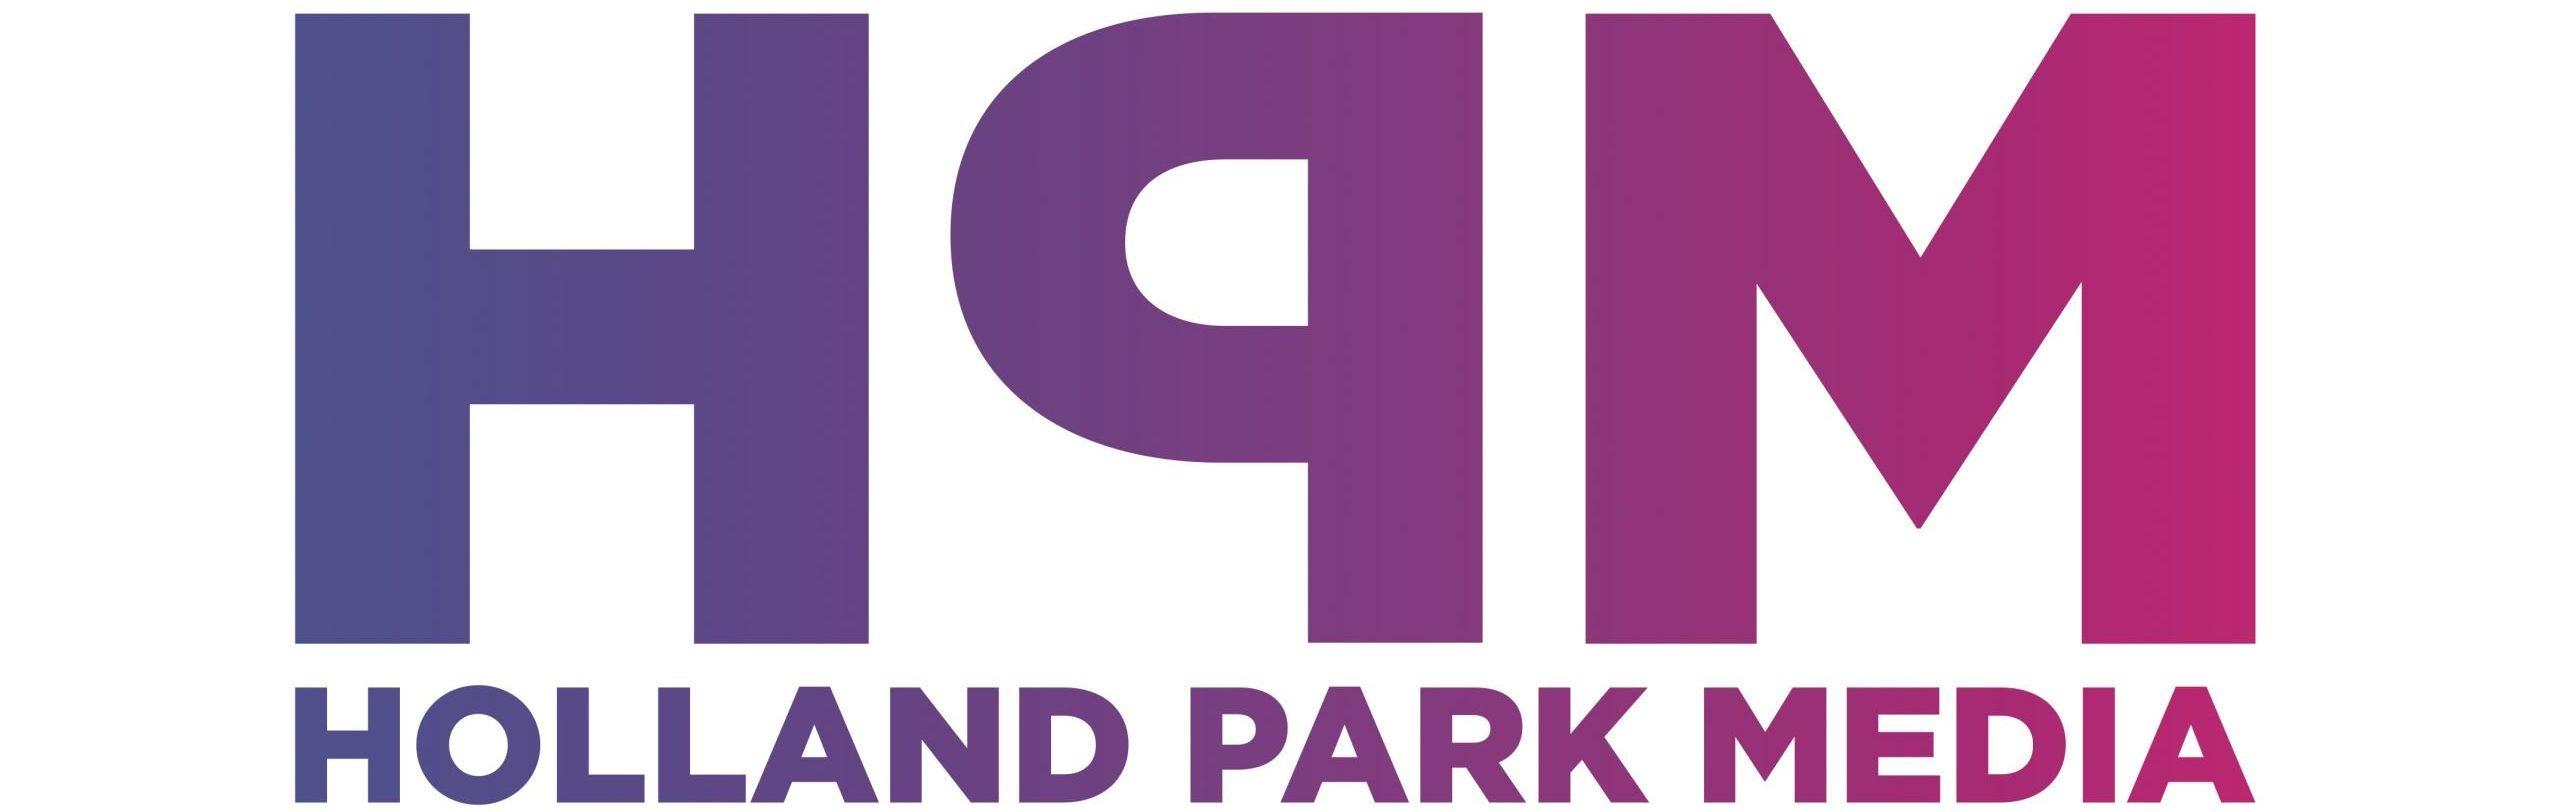 Holland Park Media